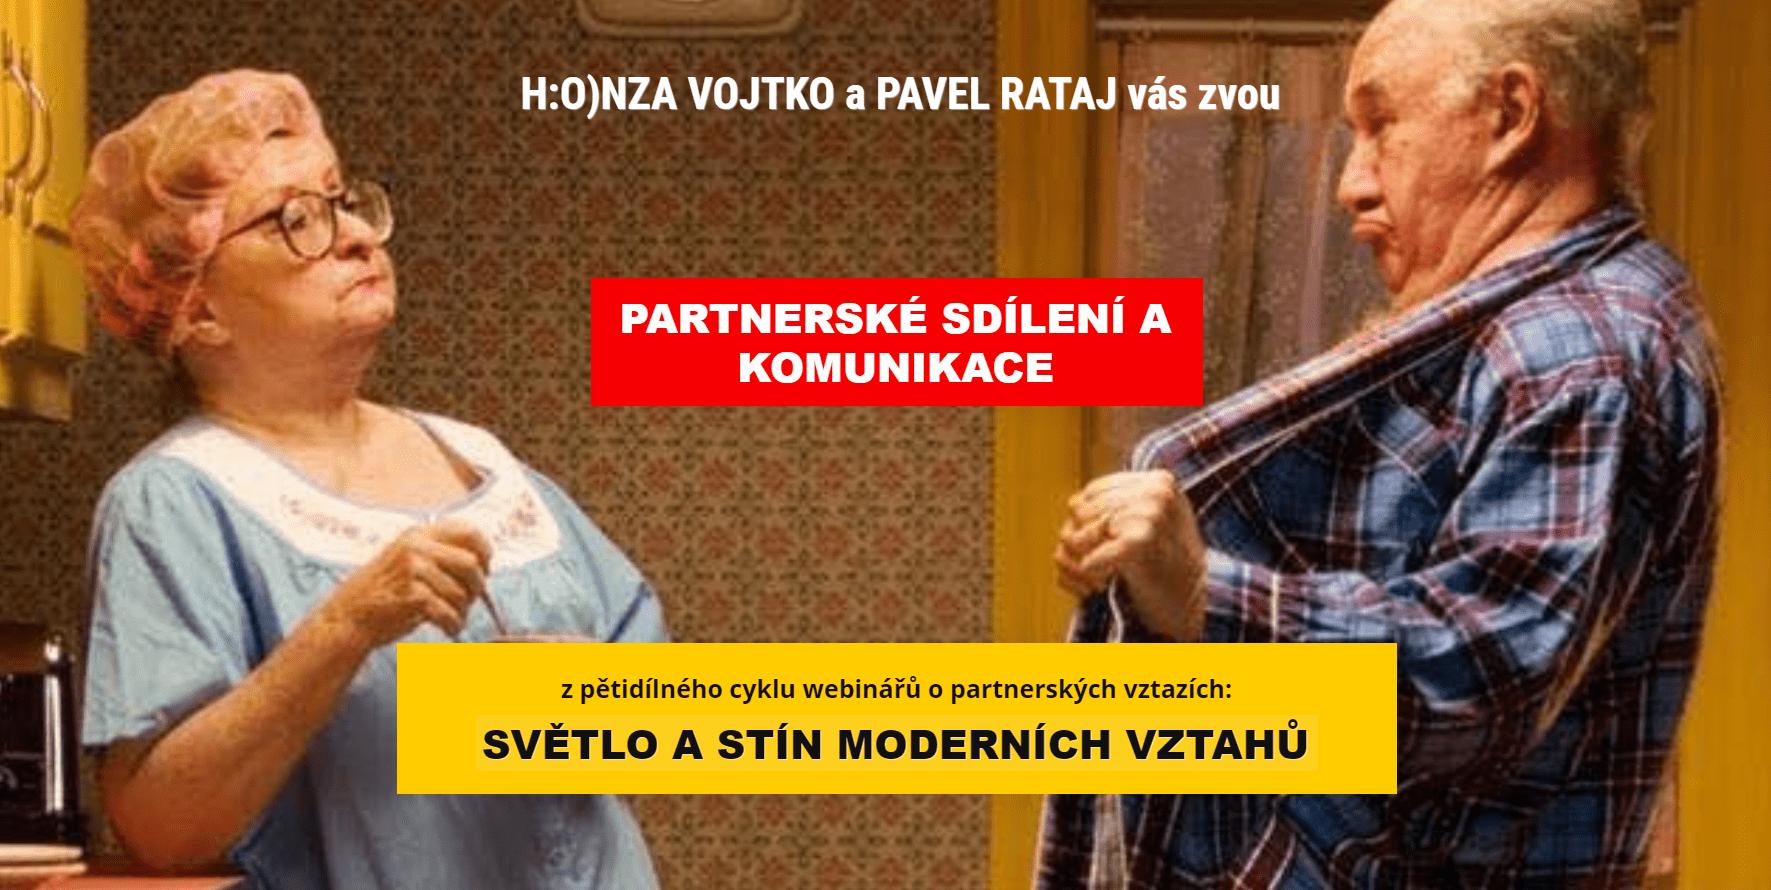 Partnerské sdílení akomunikace - Pavel Rataj aHonza Vojtko